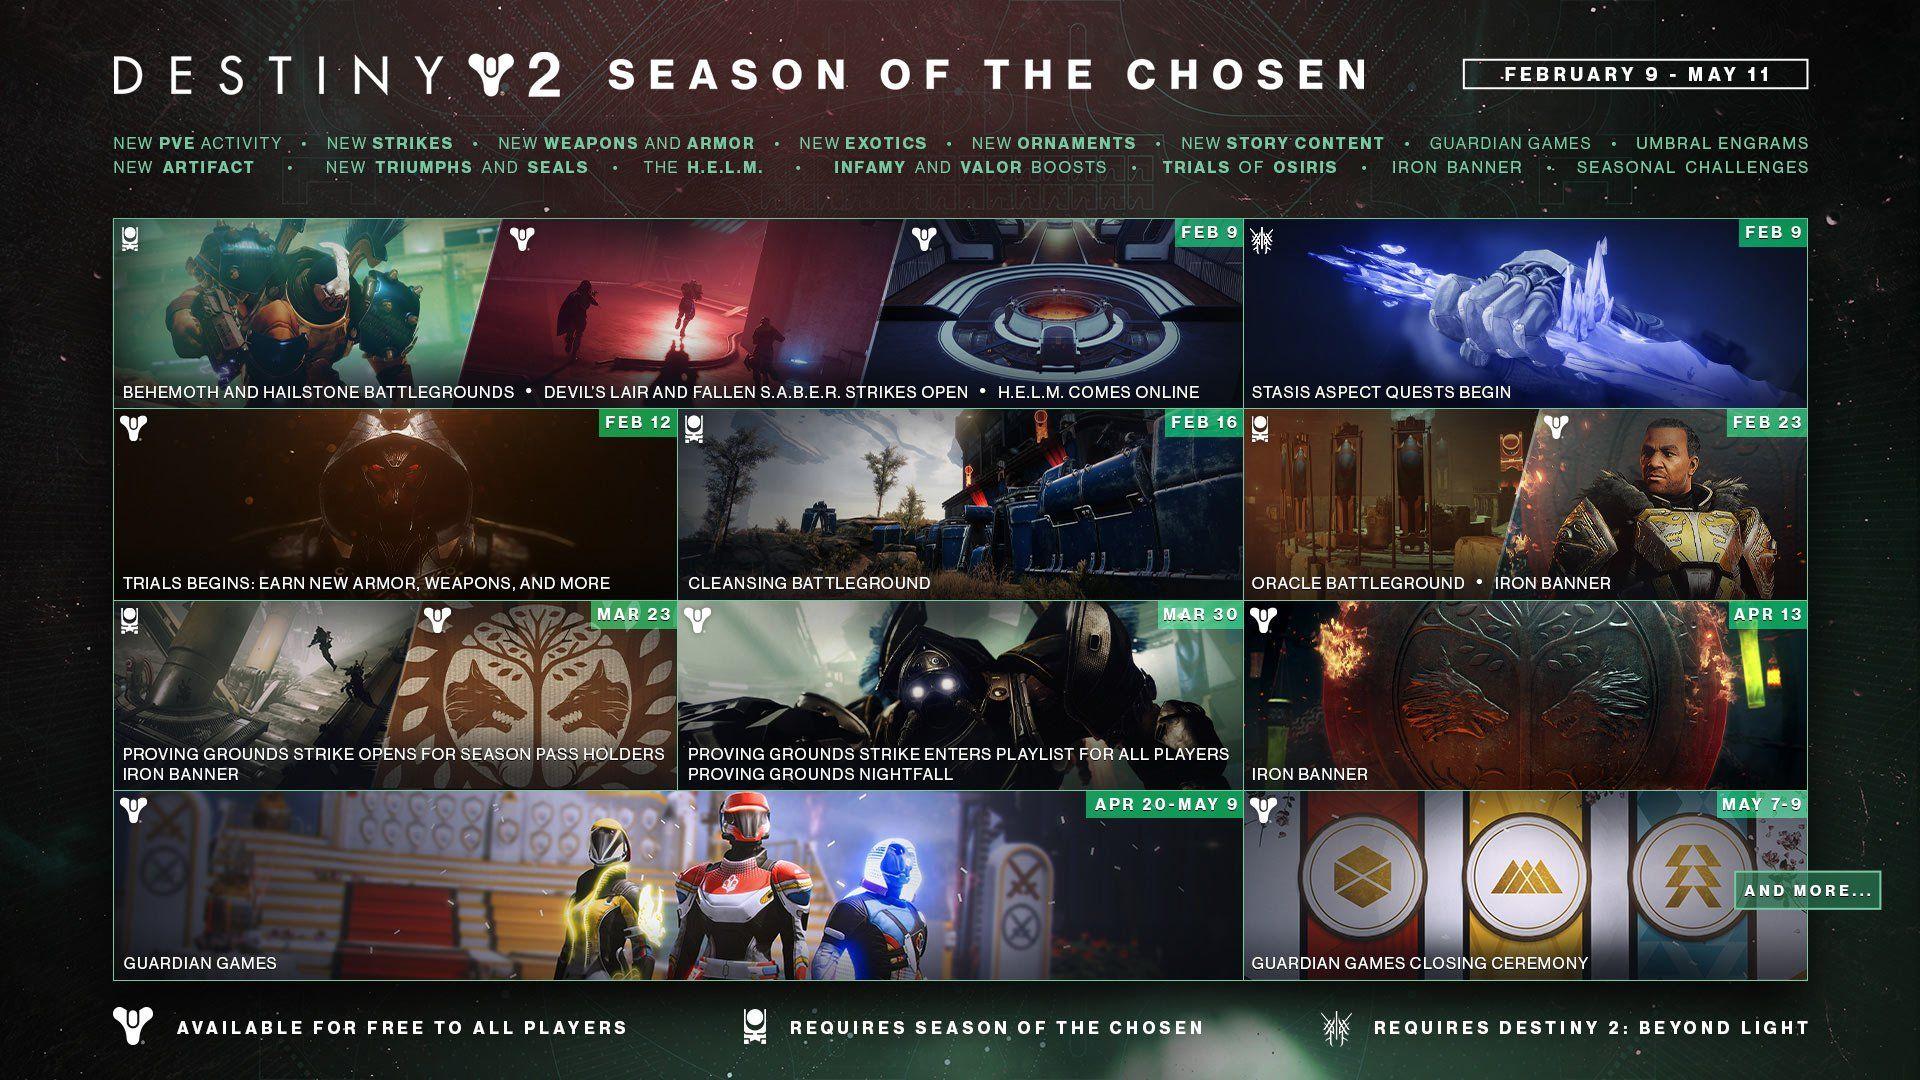 Season of the Chosen in Destiny 2 - Roadmap